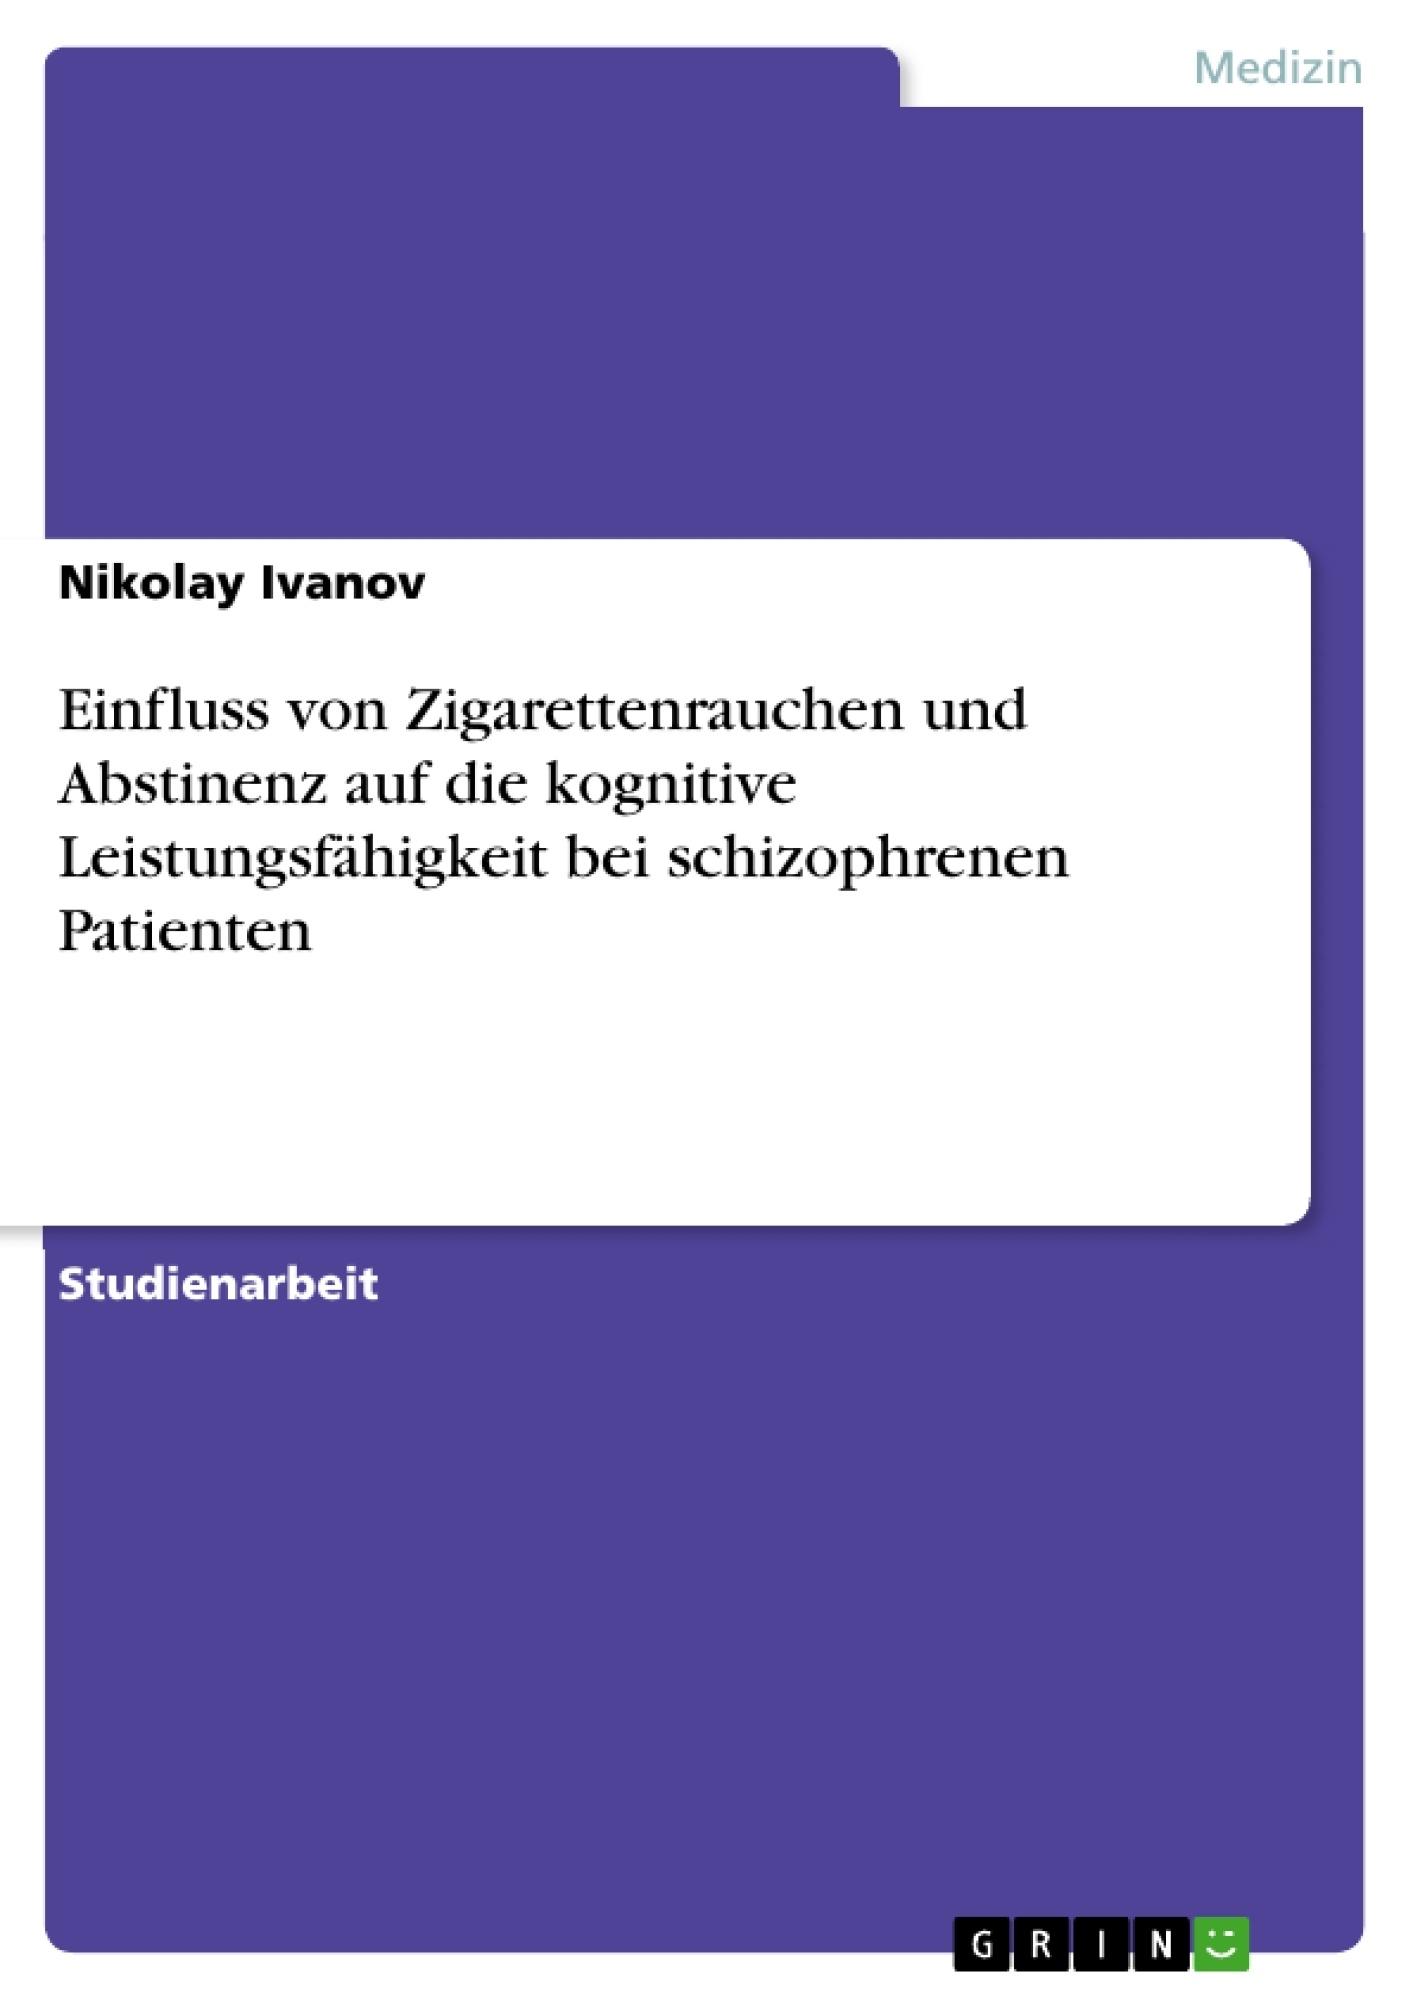 Titel: Einfluss von Zigarettenrauchen und Abstinenz auf die kognitive Leistungsfähigkeit bei schizophrenen Patienten